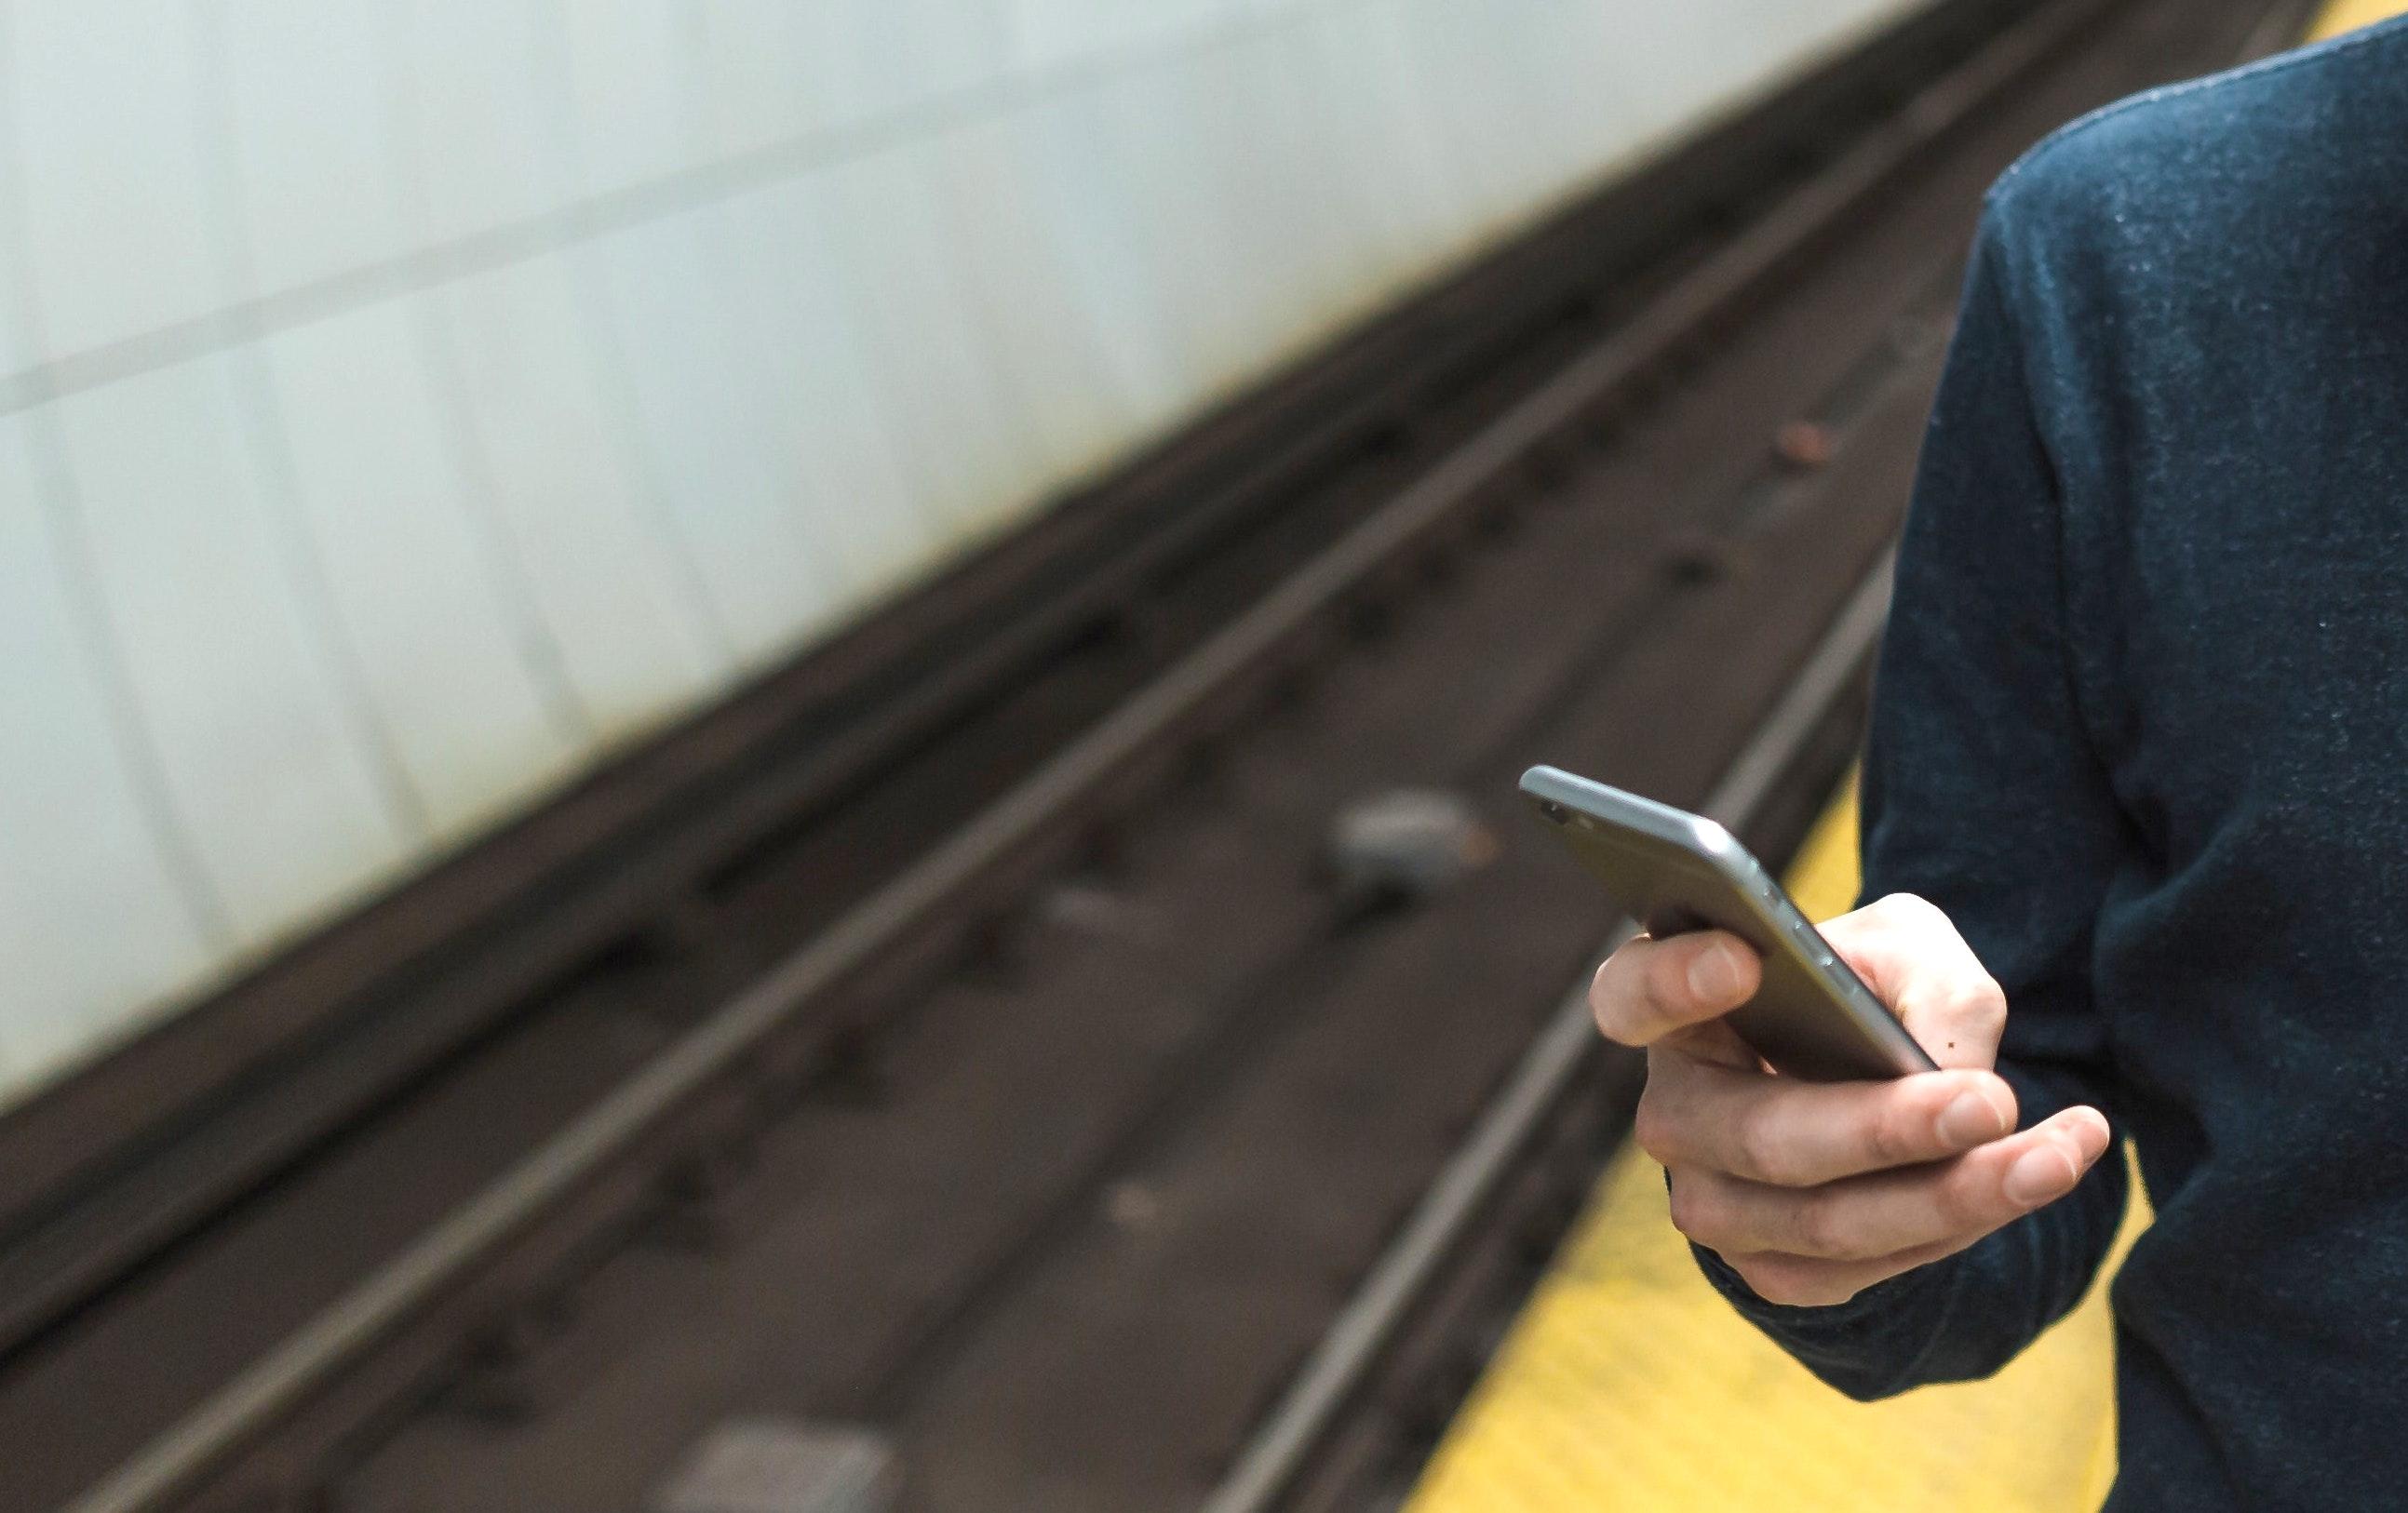 Le ticket Navigo embarque sur smartphone, mais pas sur l'iPhone, pour le moment ? 1